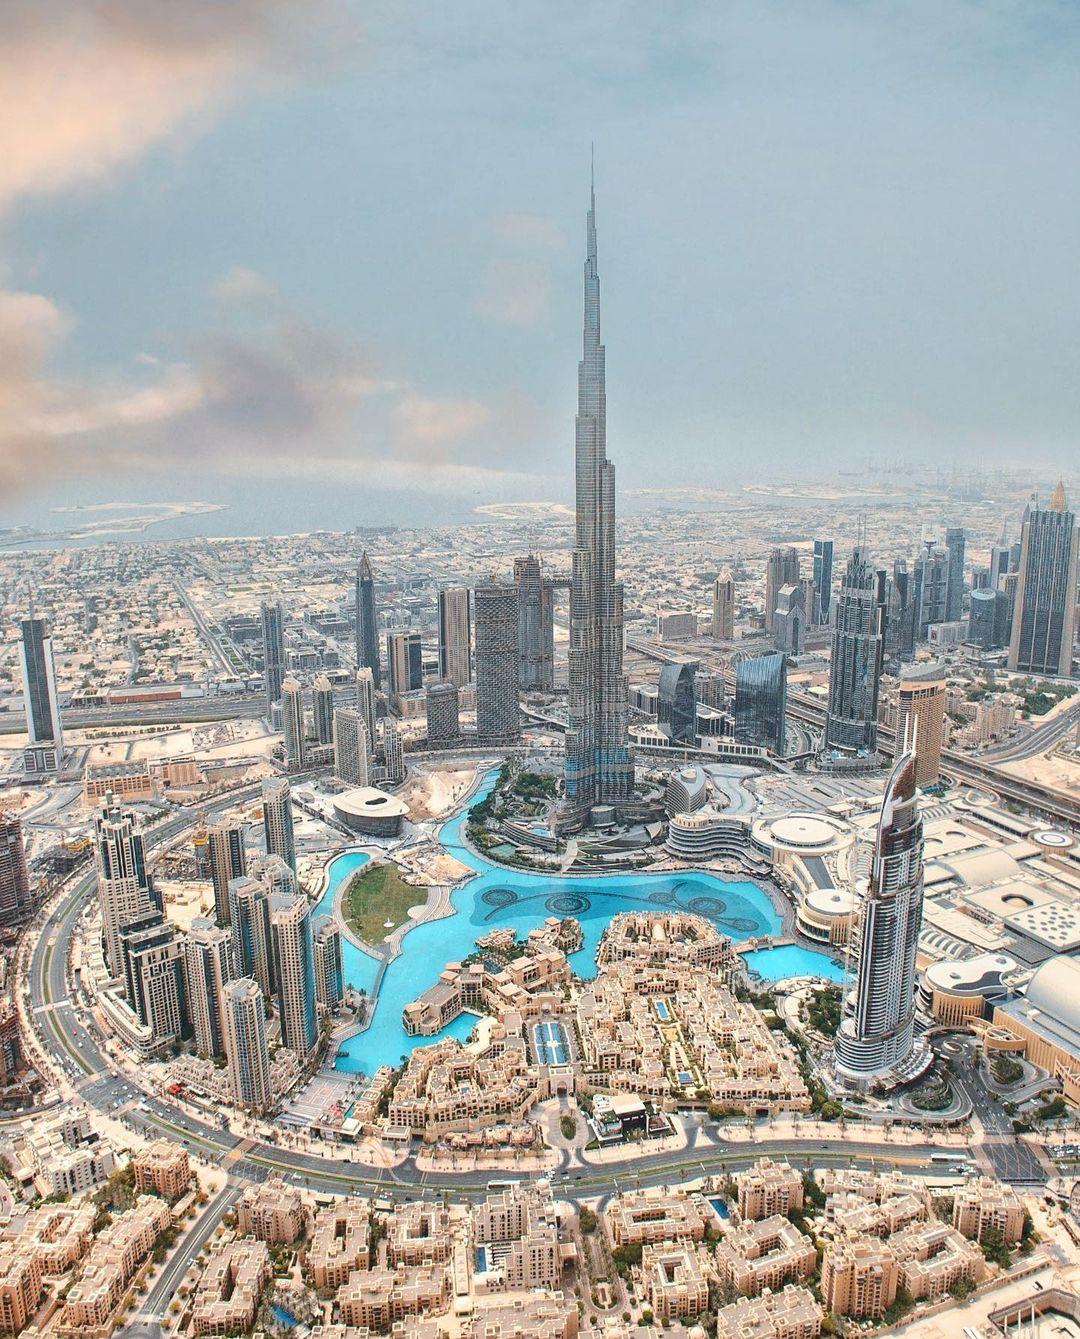 نصائح لالتقاط أروع الصور خلال موسم الأعياد في الإمارات